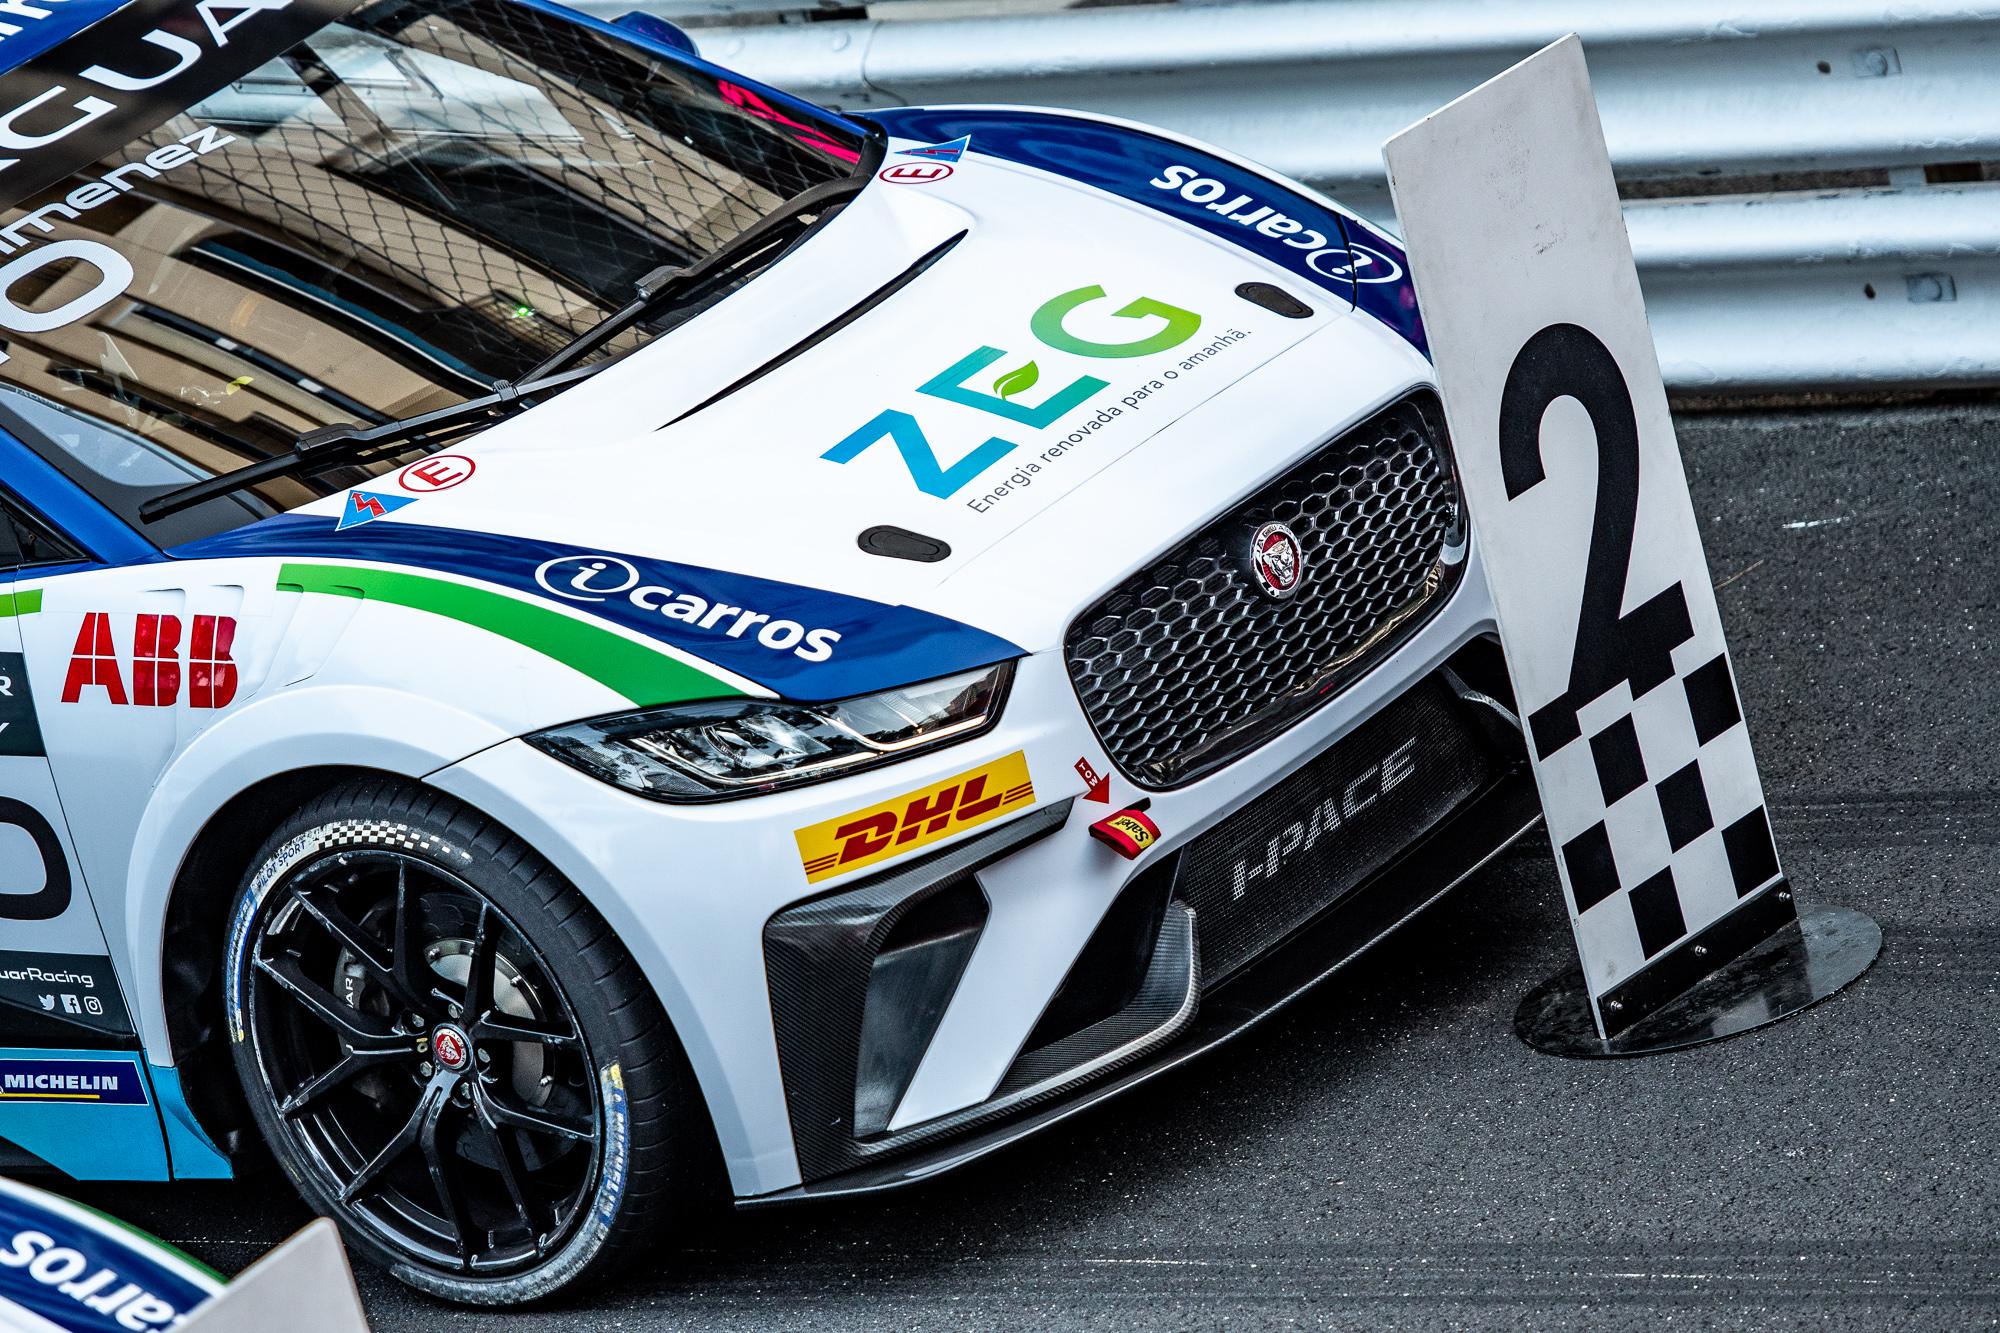 Jaguar_7.Monaco_josemariodias_05052